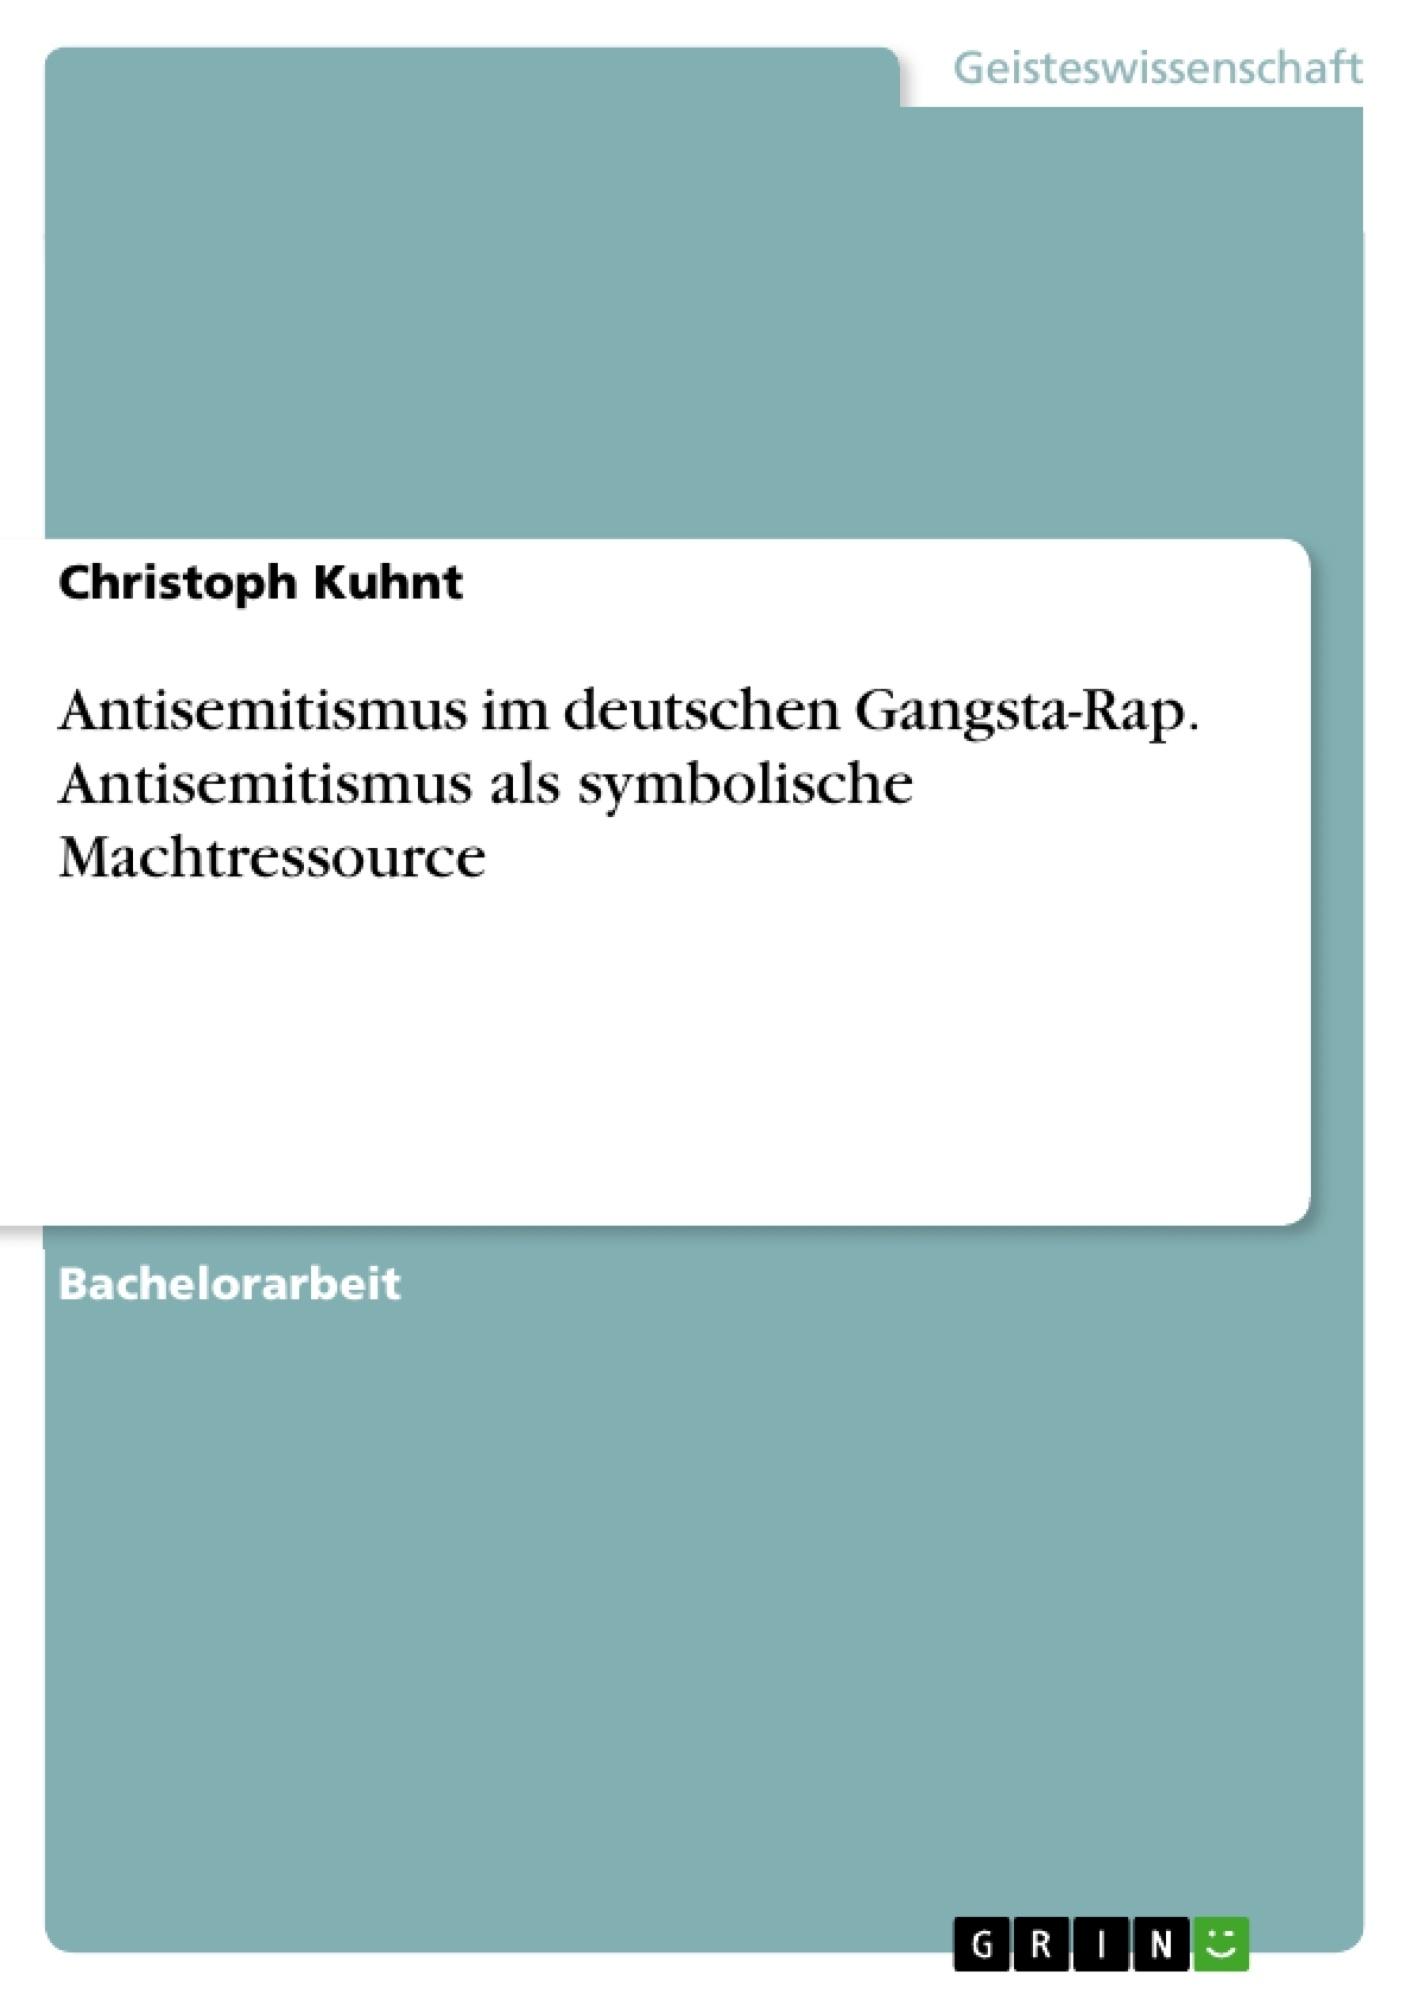 Titel: Antisemitismus im deutschen Gangsta-Rap. Antisemitismus als symbolische Machtressource